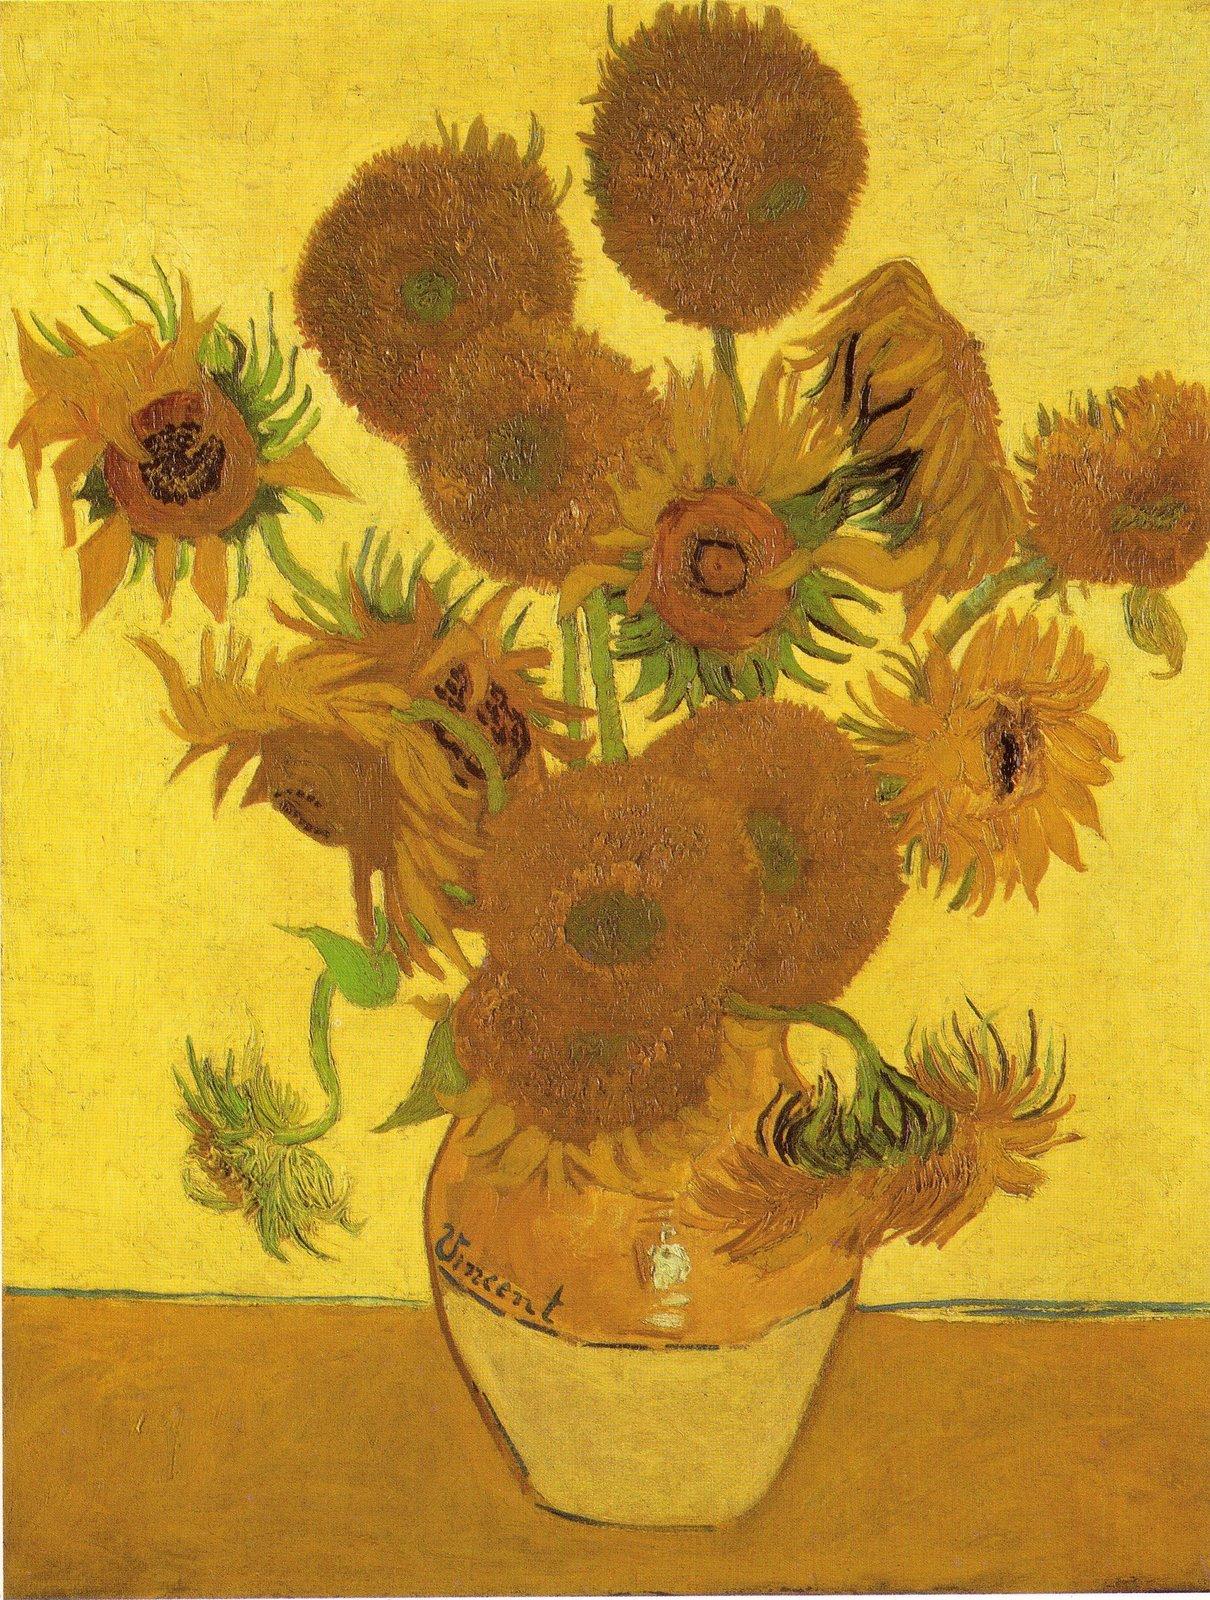 Il successo da che dipende? Vincent van Gogh